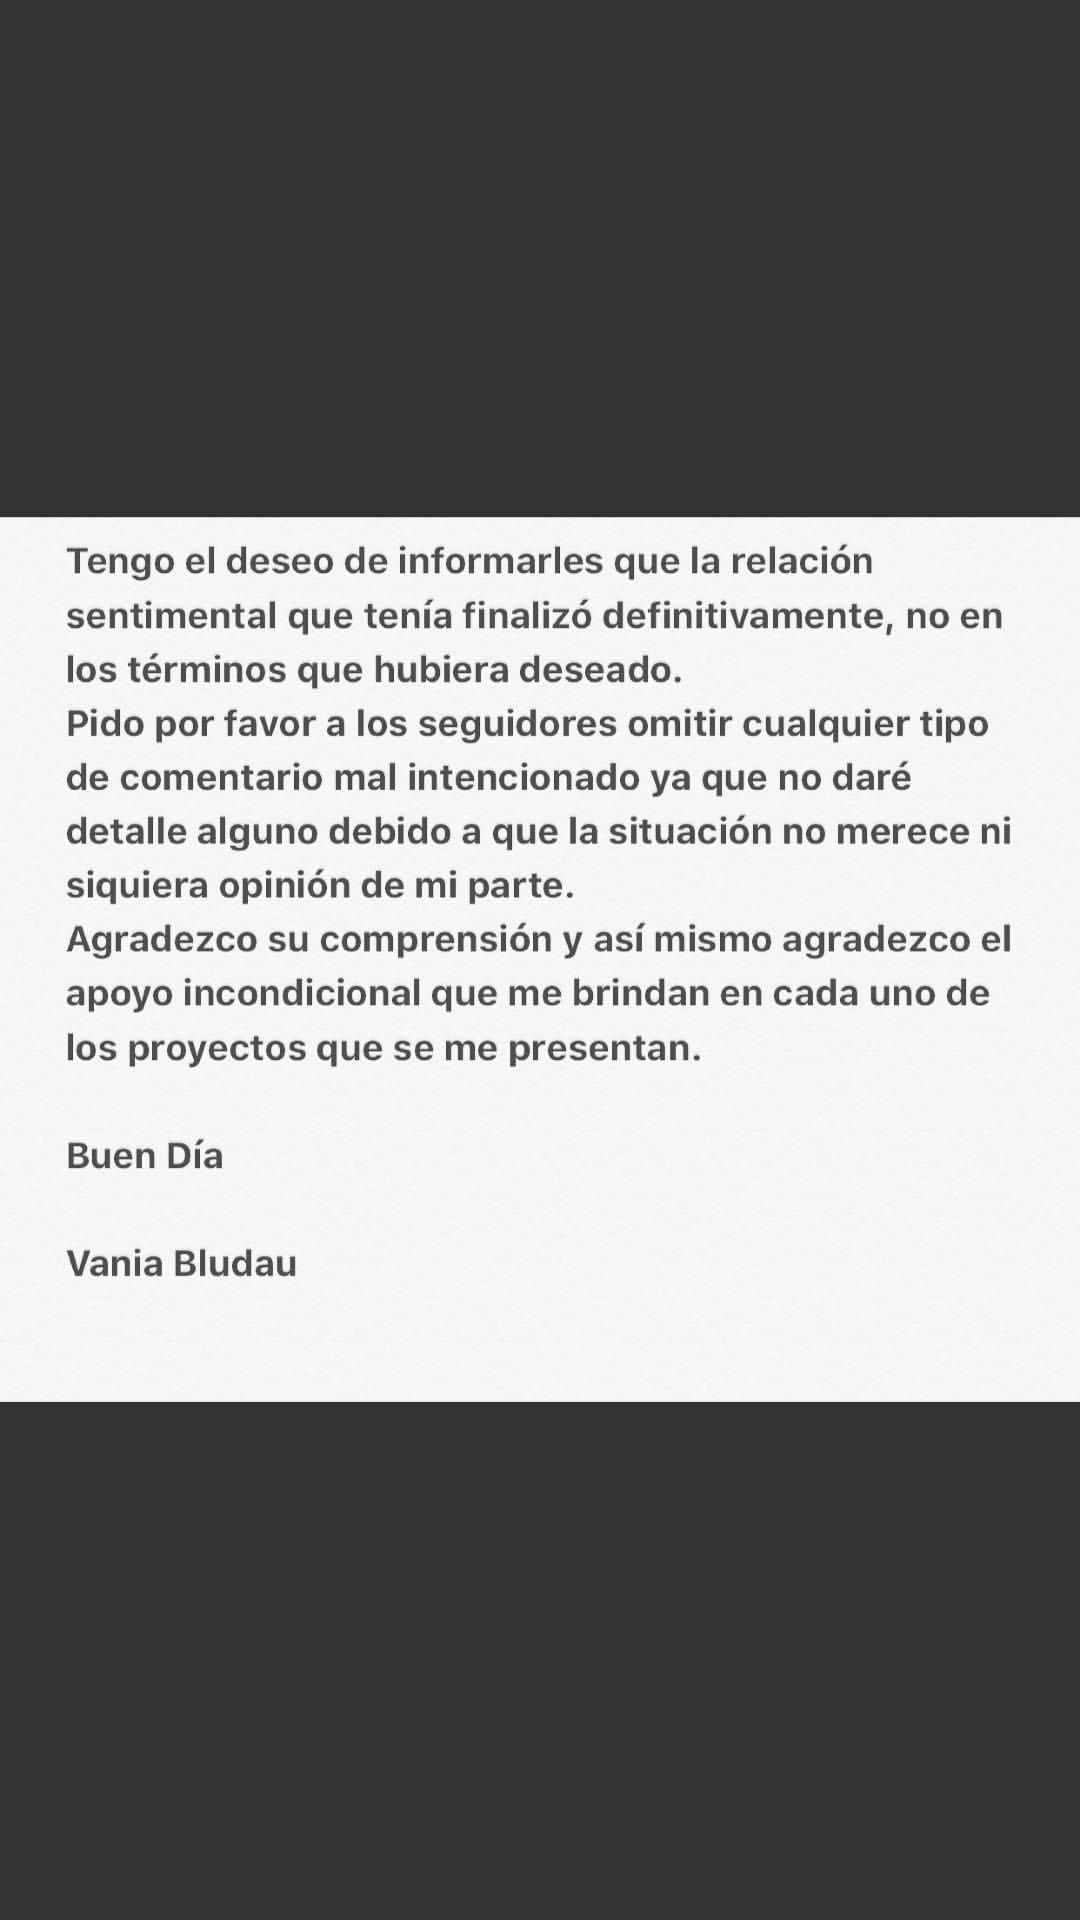 Vania Bludau y Frank Dello Russo terminaron definitivamente